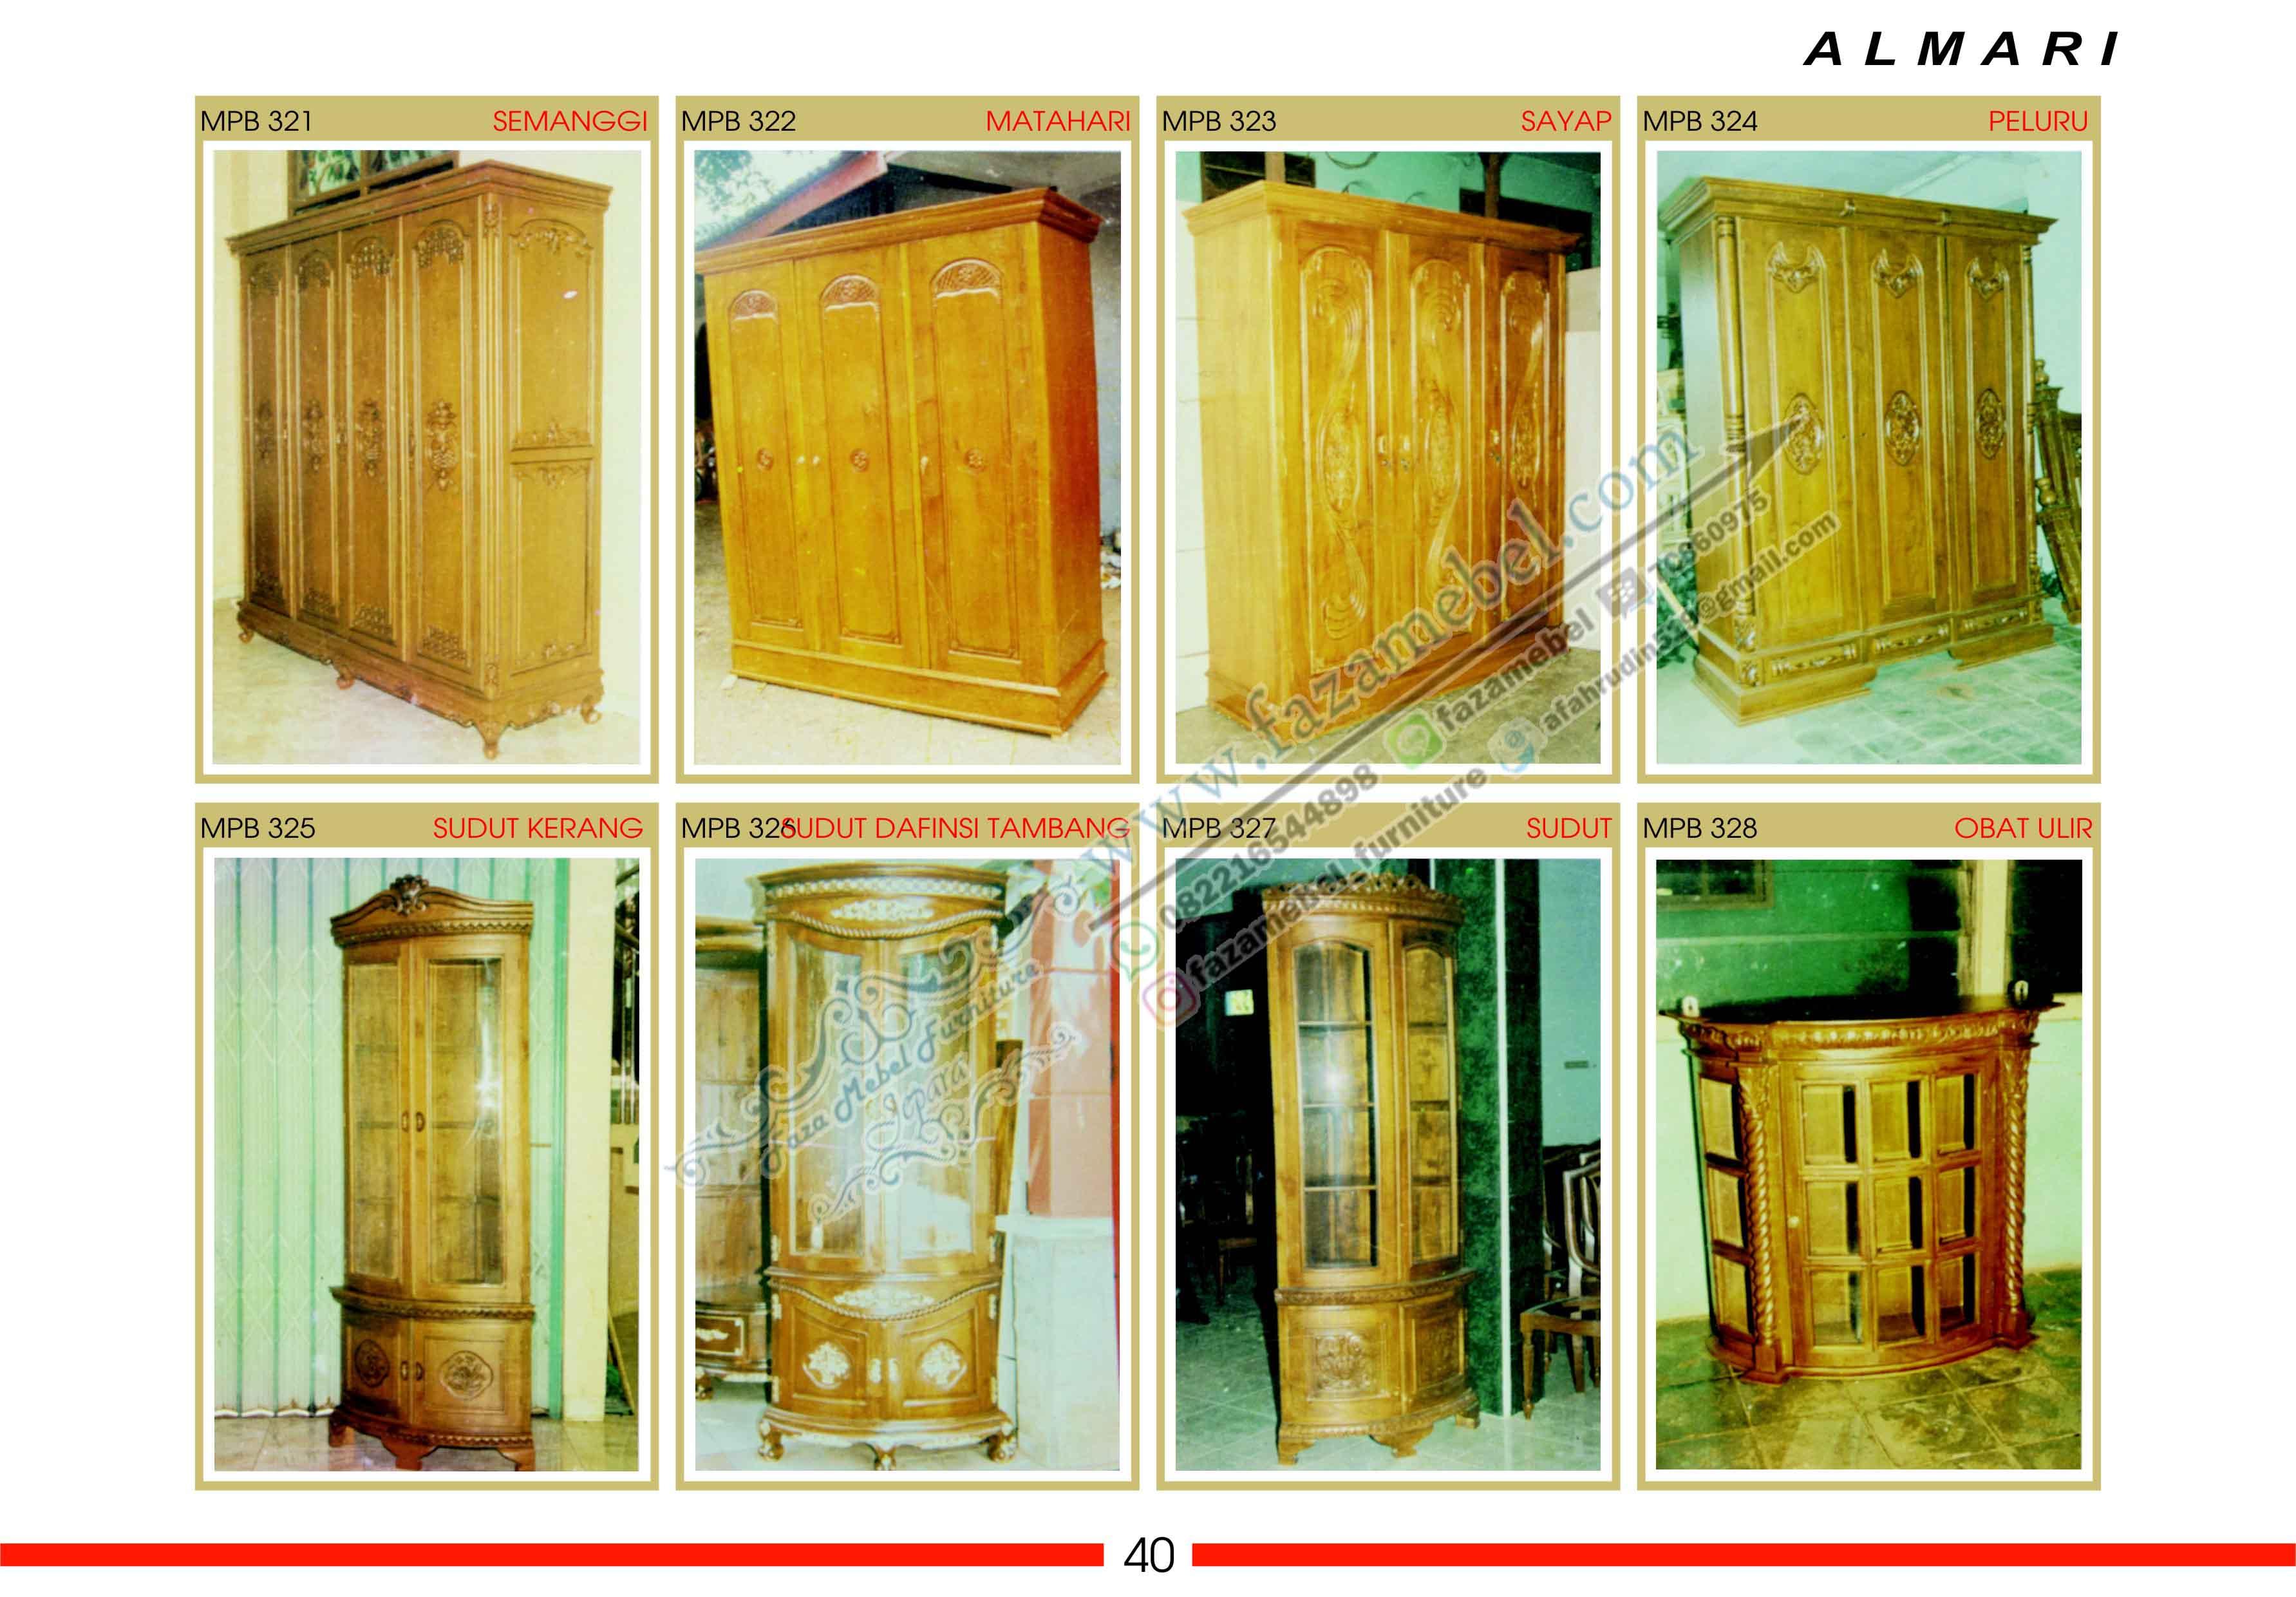 almari-jati8